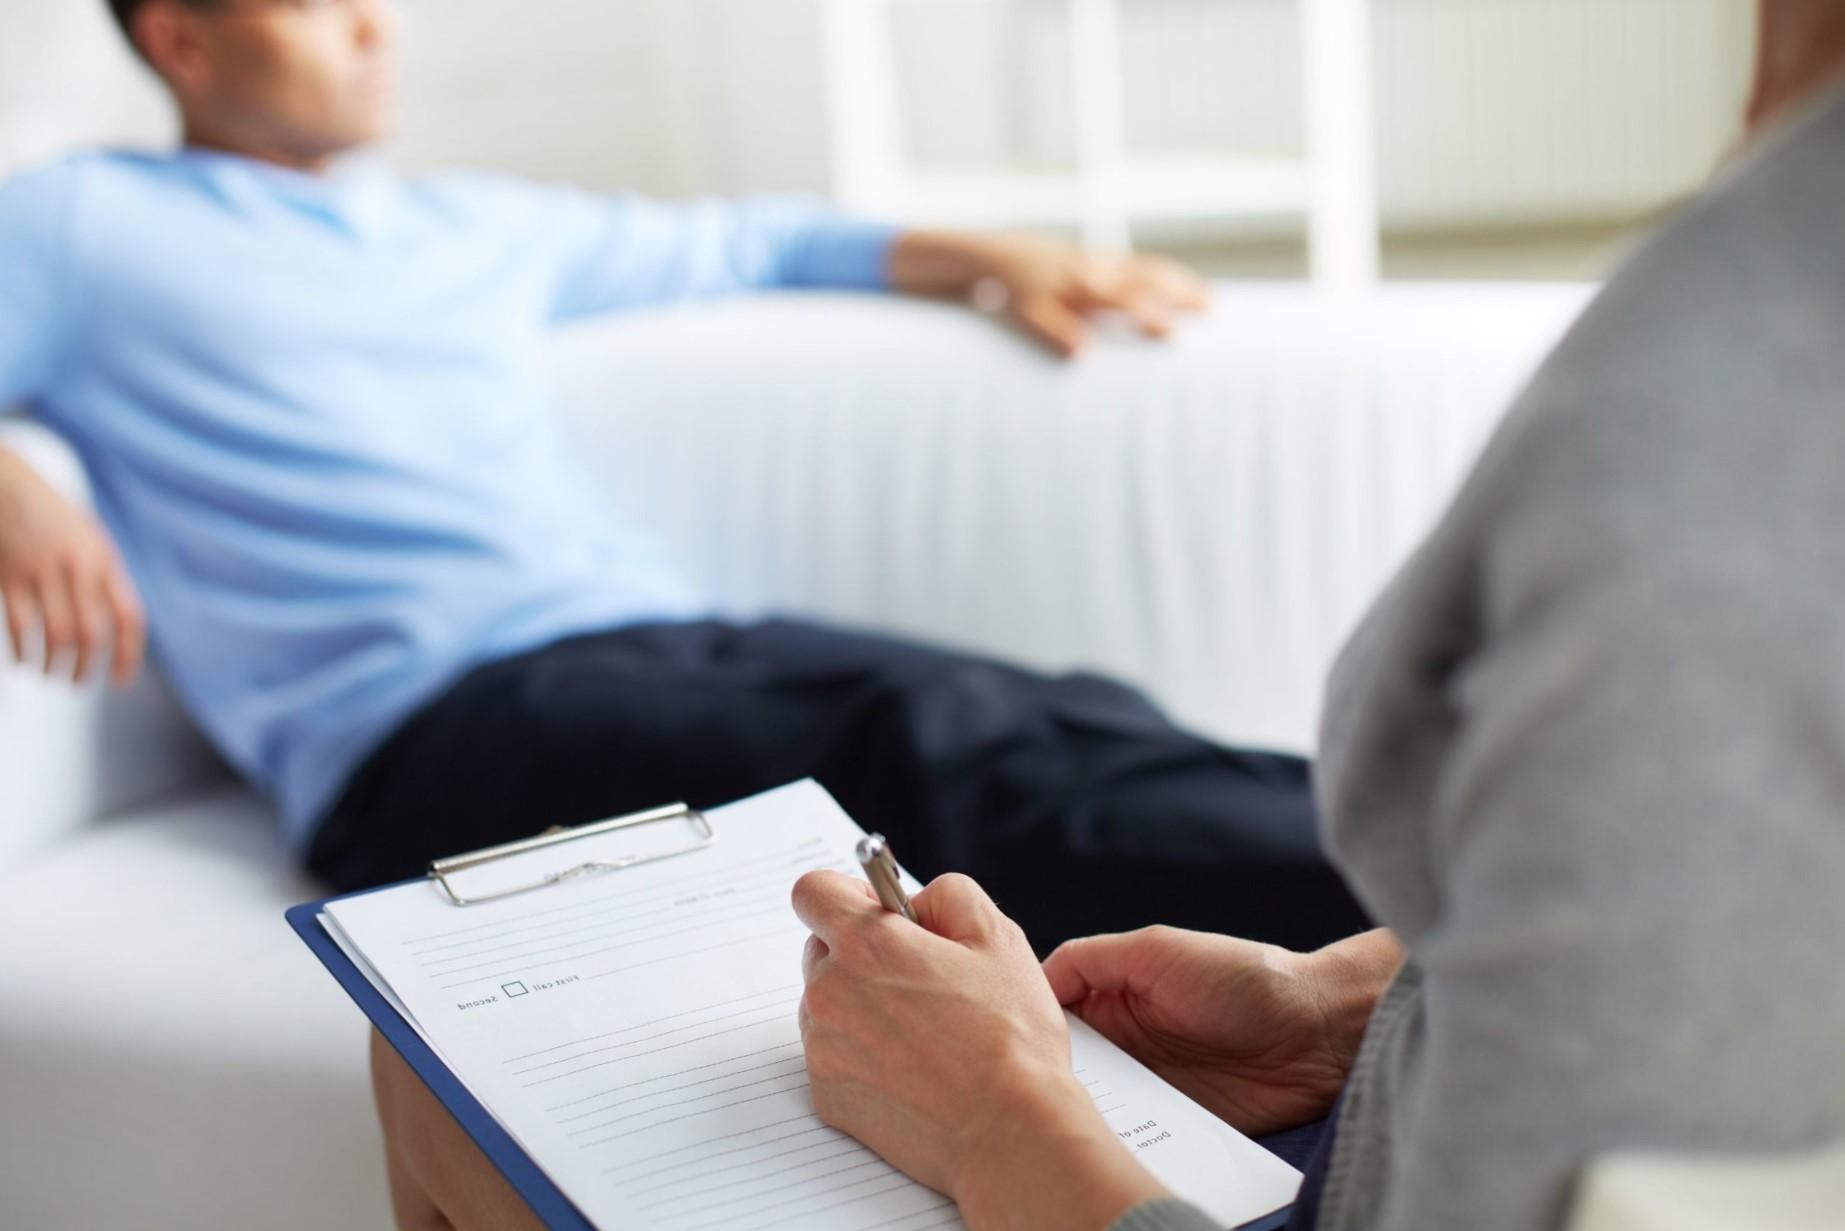 psicólogo para trastornos de la ansiedad en Valencia - consulta